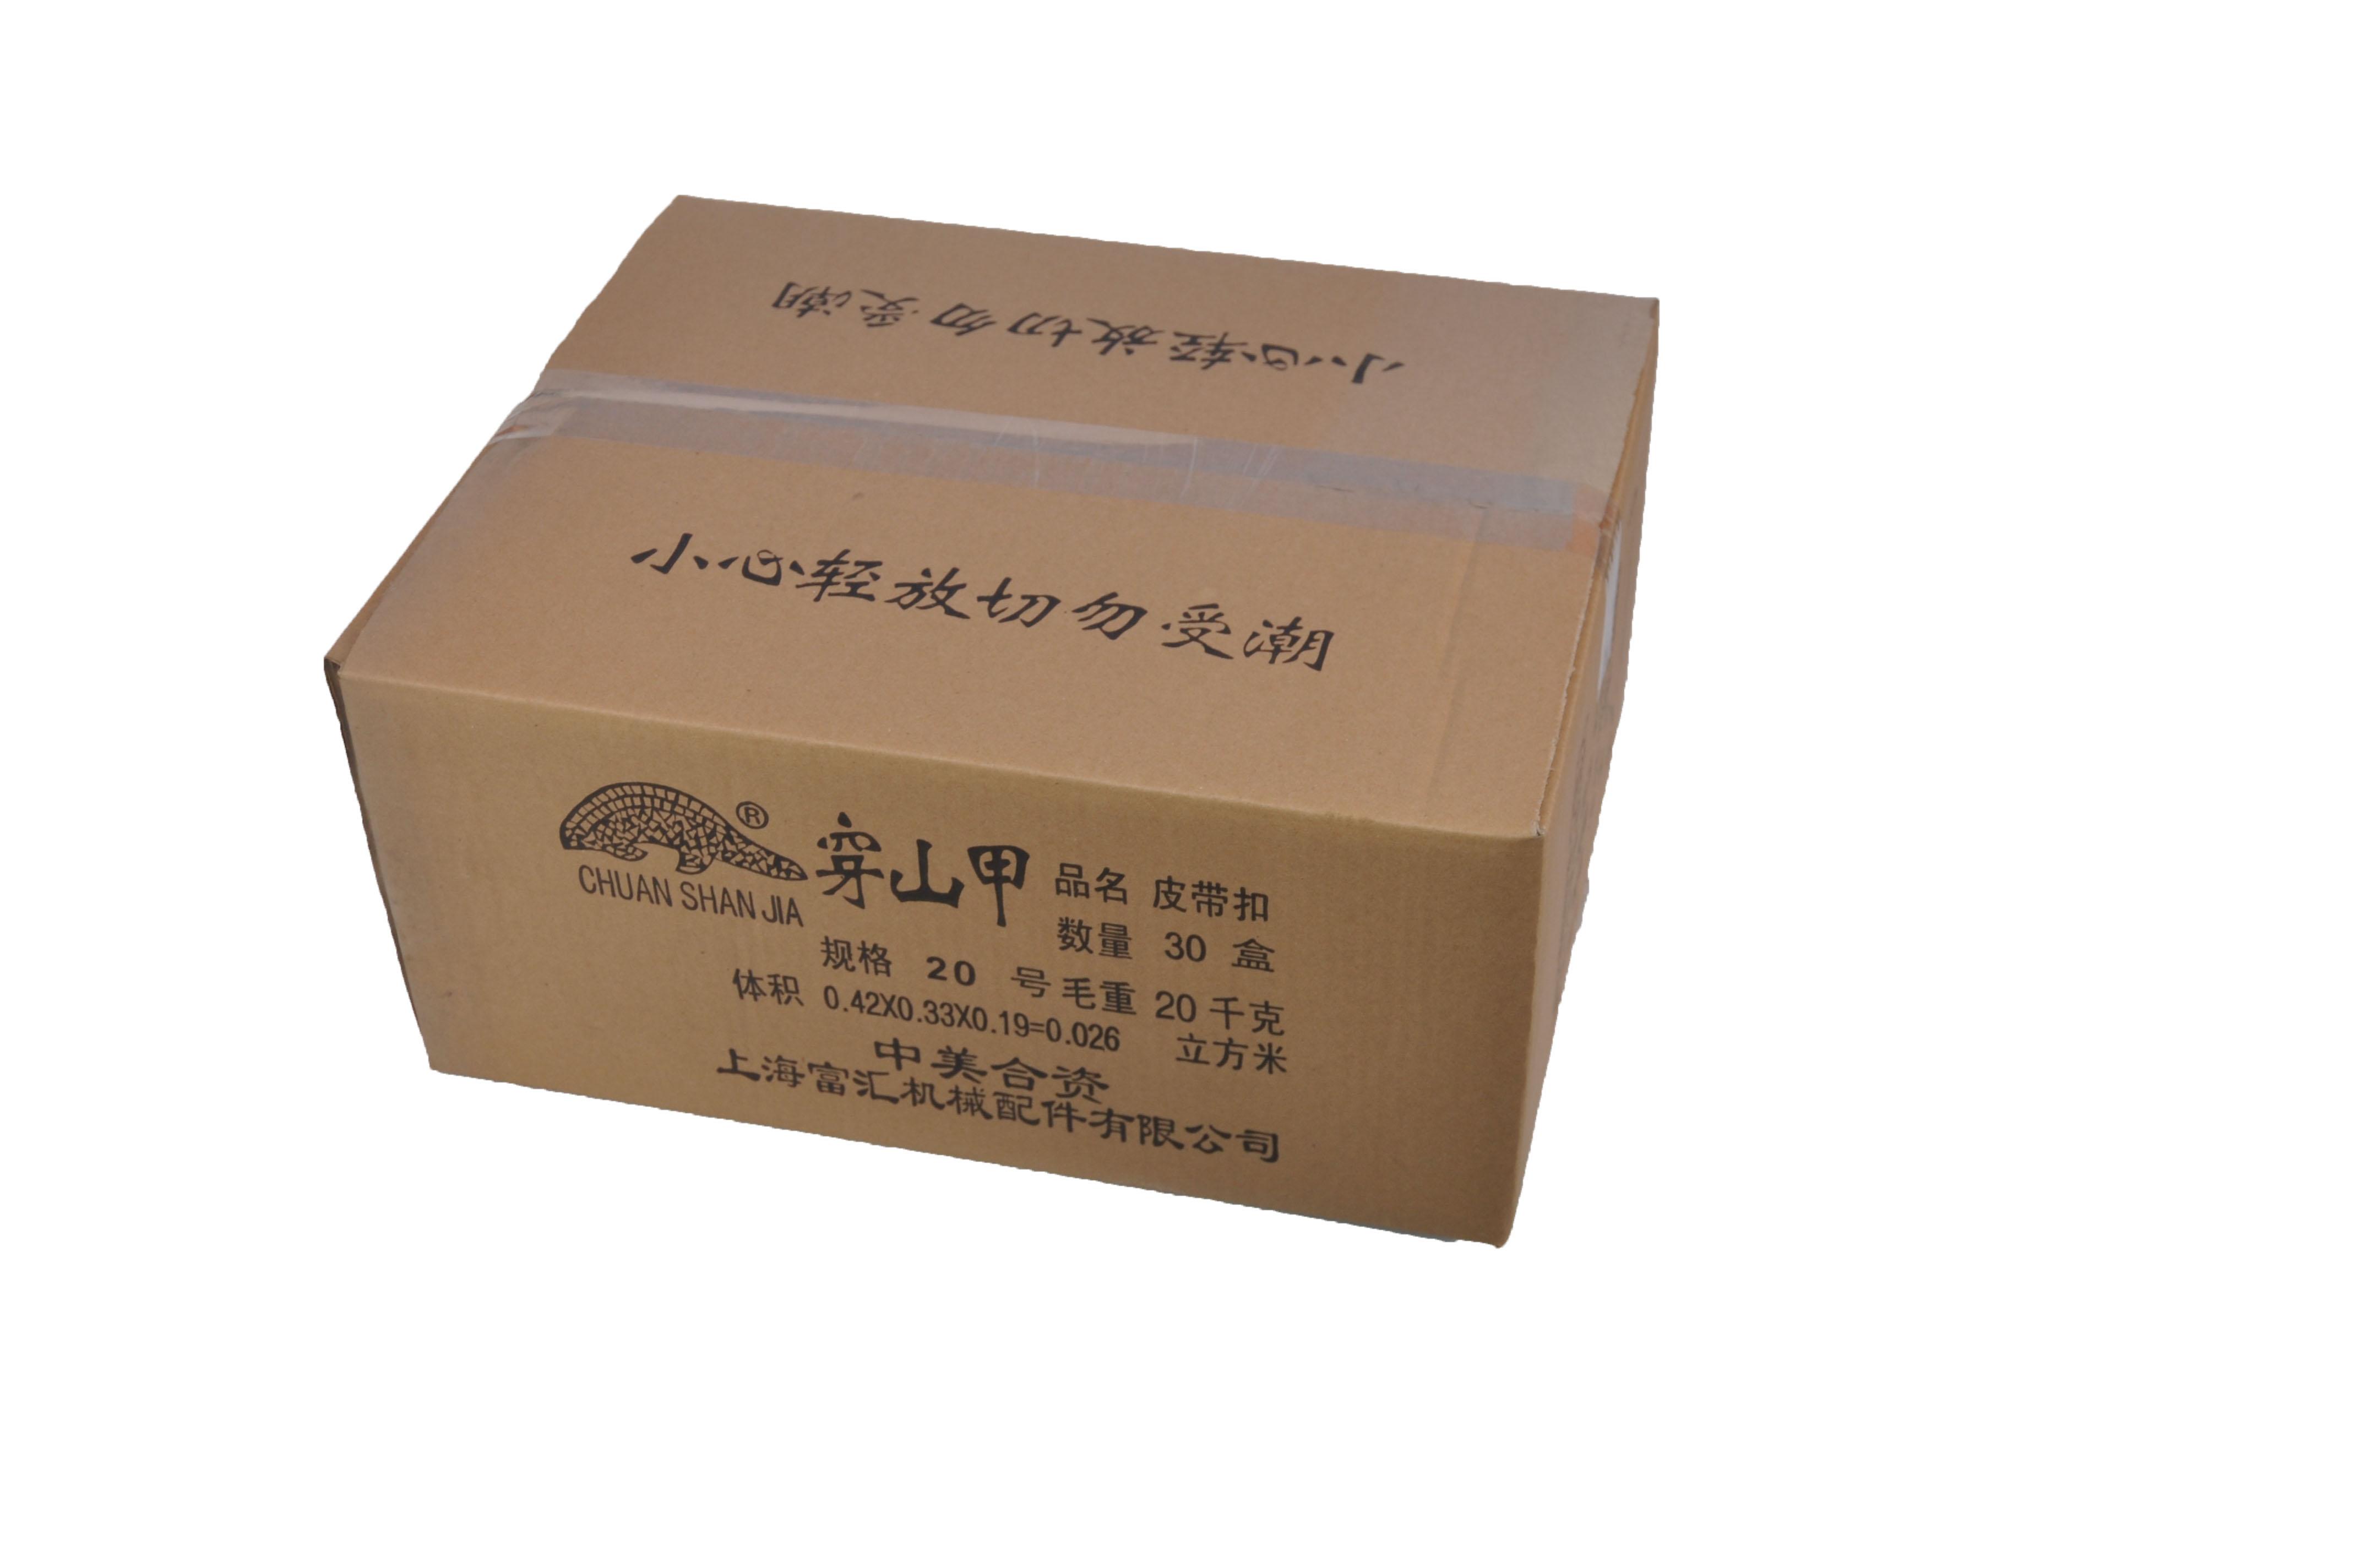 20号皮带扣大包装盒.jpg